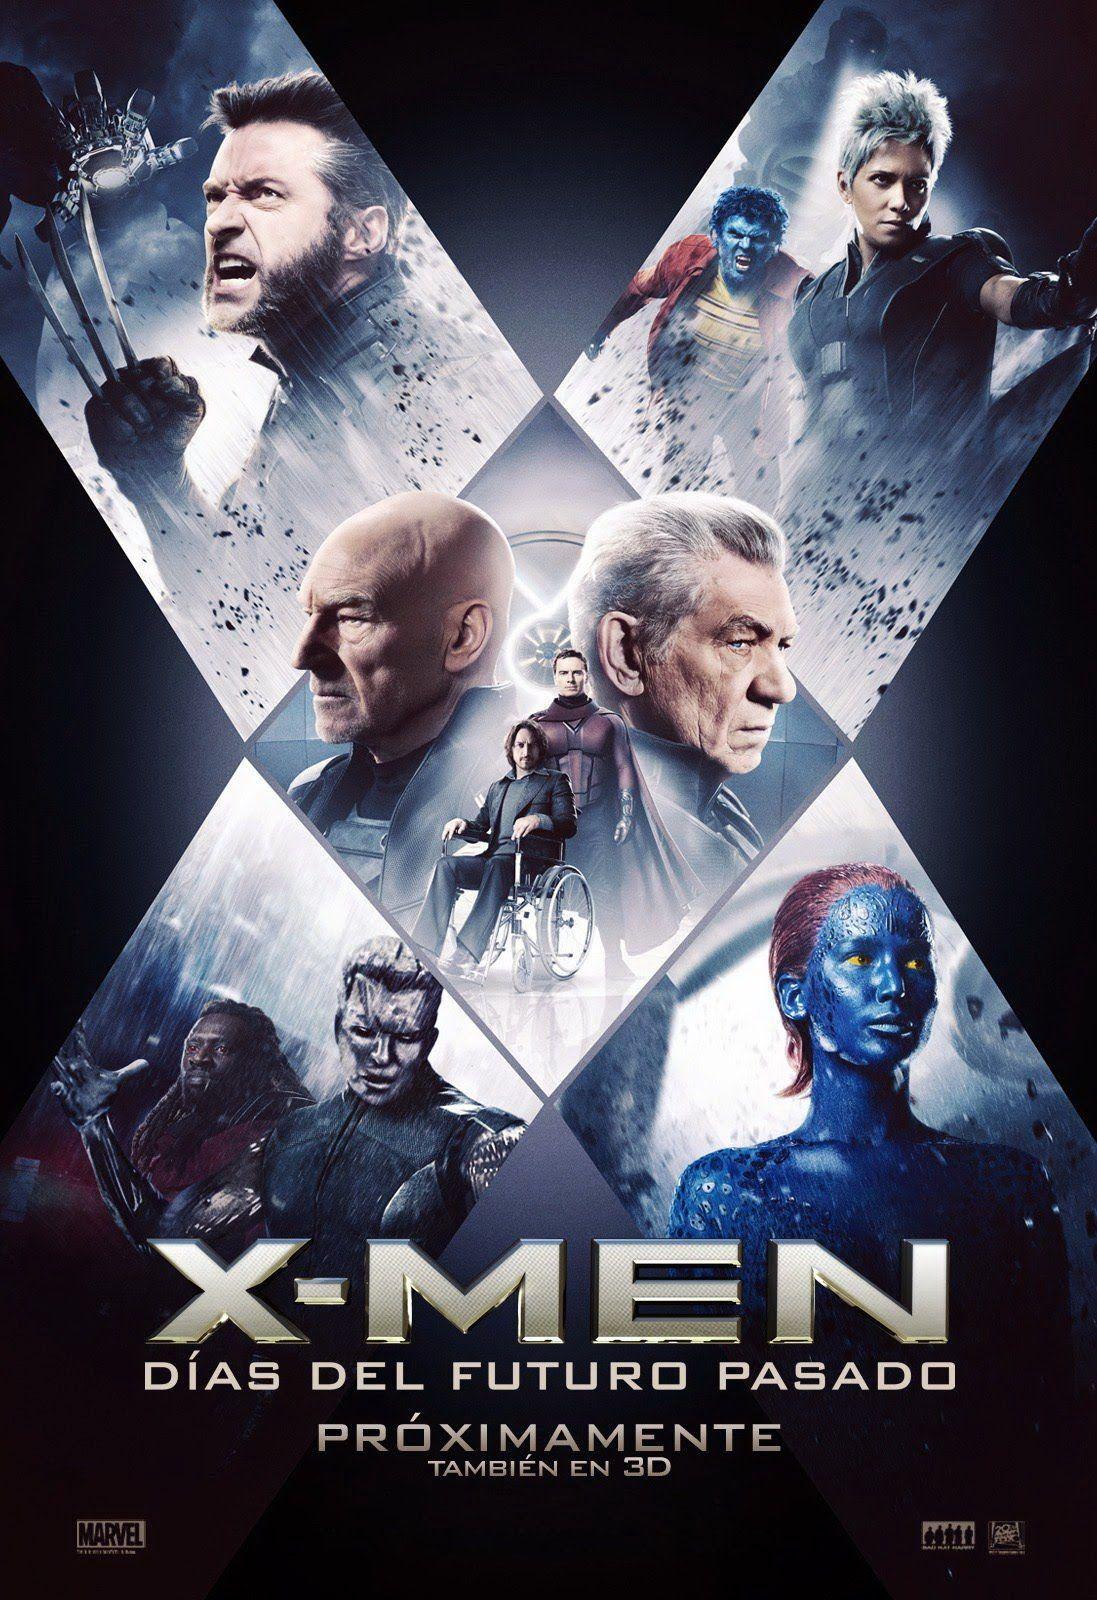 X Men Dias Del Futuro Pasado 2014 Hombres X Dias Del Futuro Pasado X Men